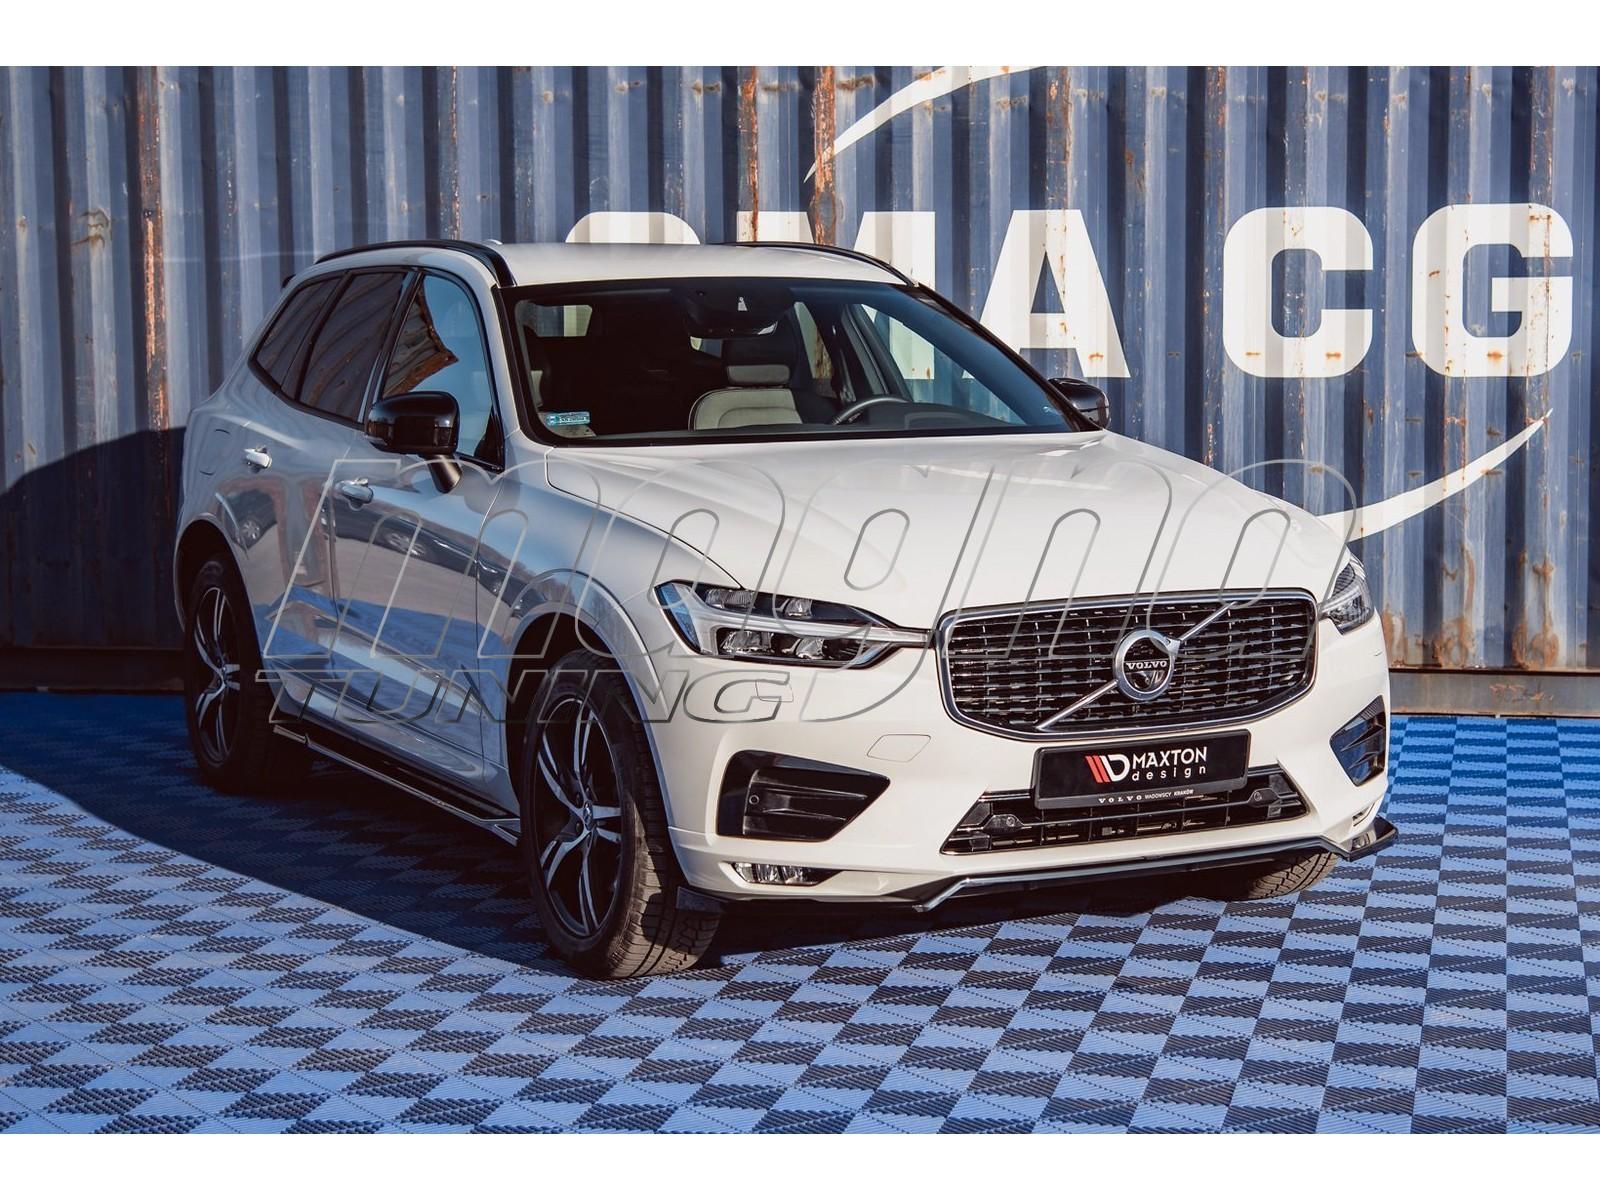 Volvo XC60 MK2 MX Body Kit